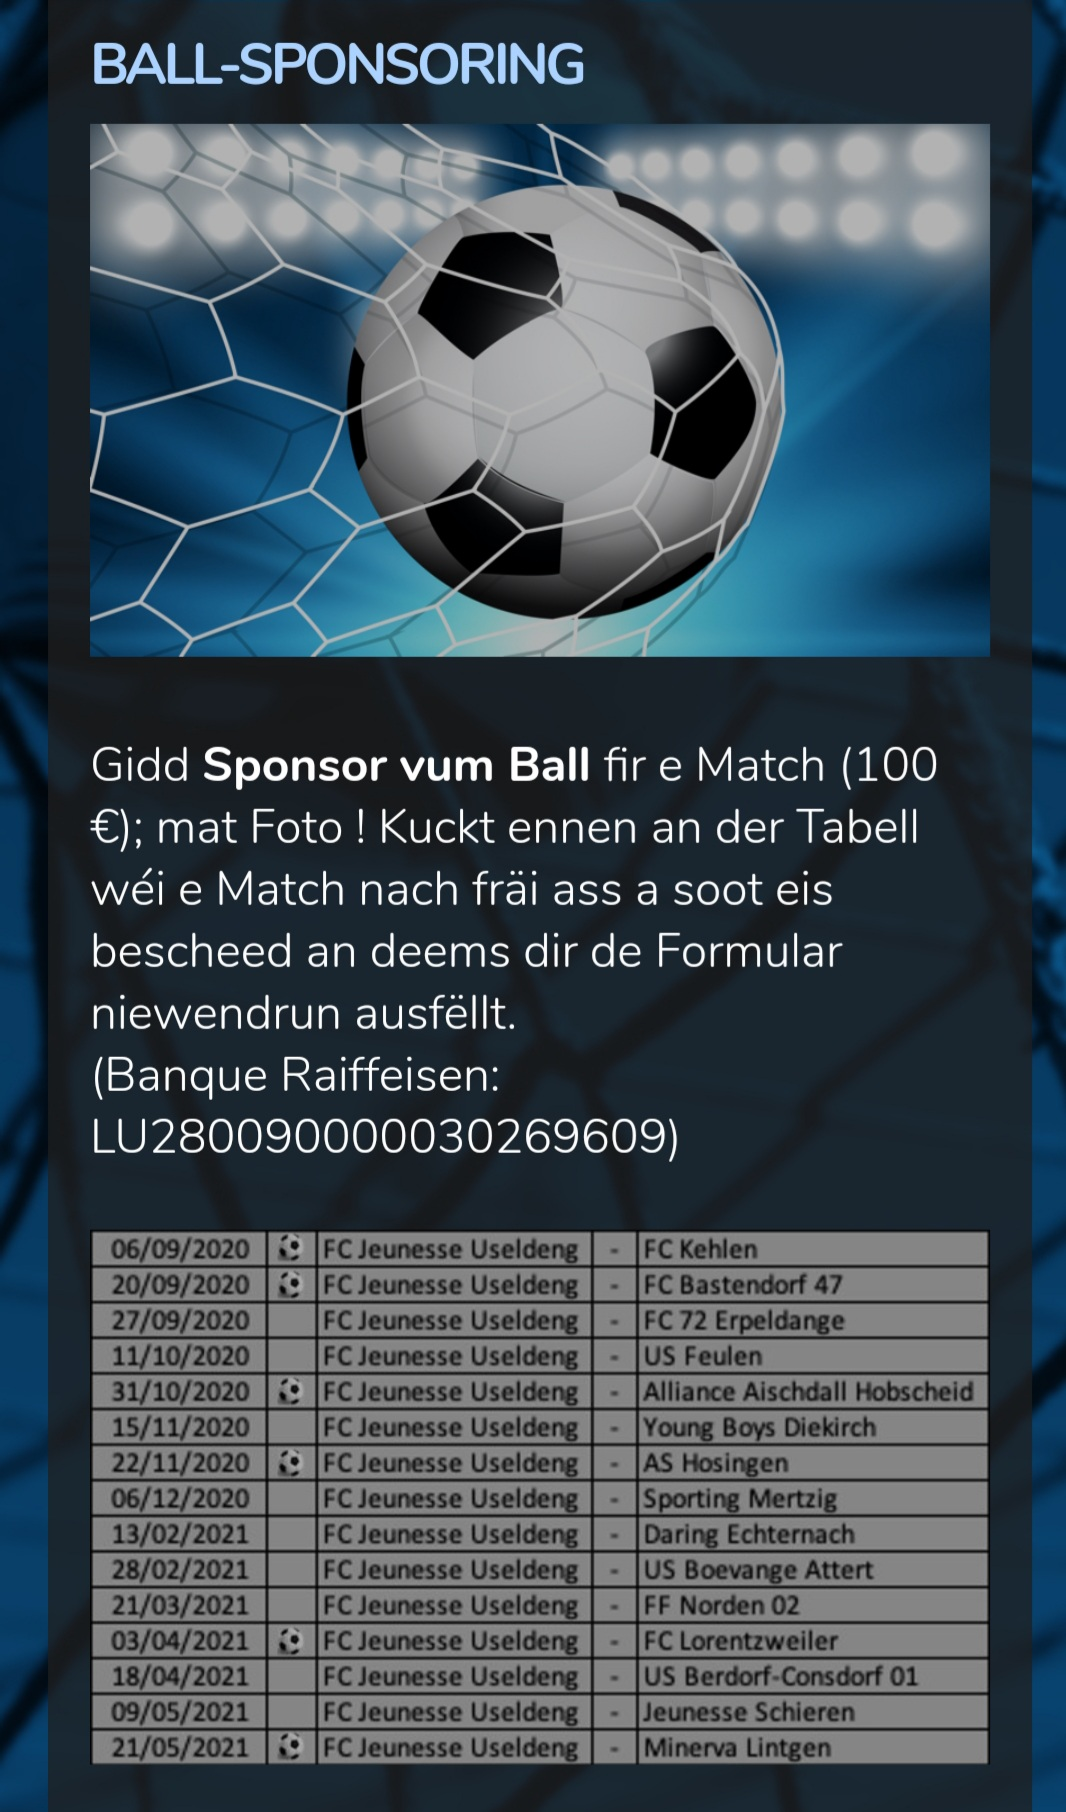 Sponsoring Ball de Match